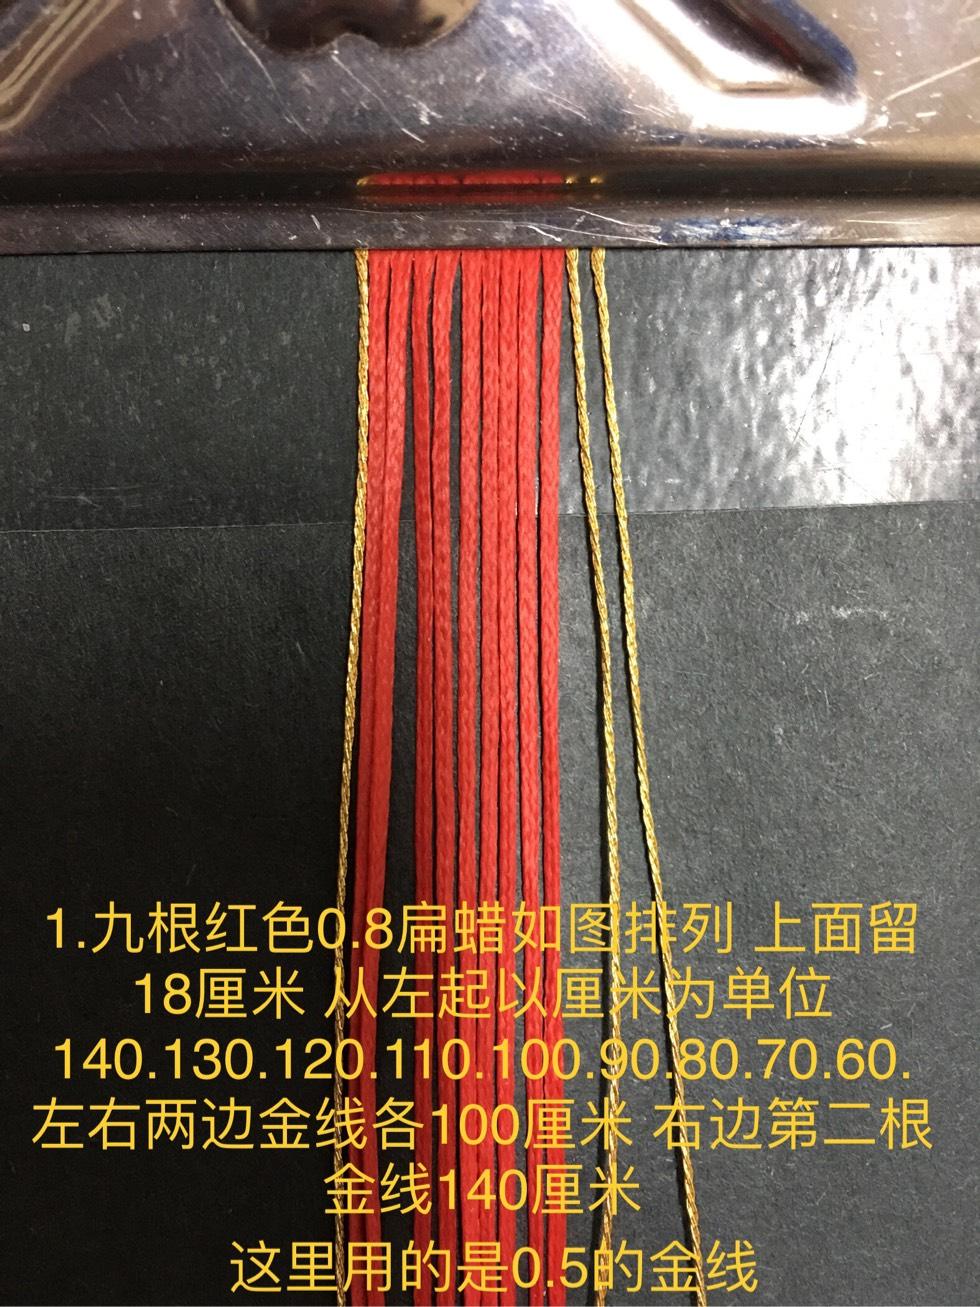 中国结论坛 金线包边小扇形手绳手链教程 手链,教程,编绳绕金线教程,手绳裸石包边,基础编绳包边 图文教程区 111055d77mkc57kezghnbw